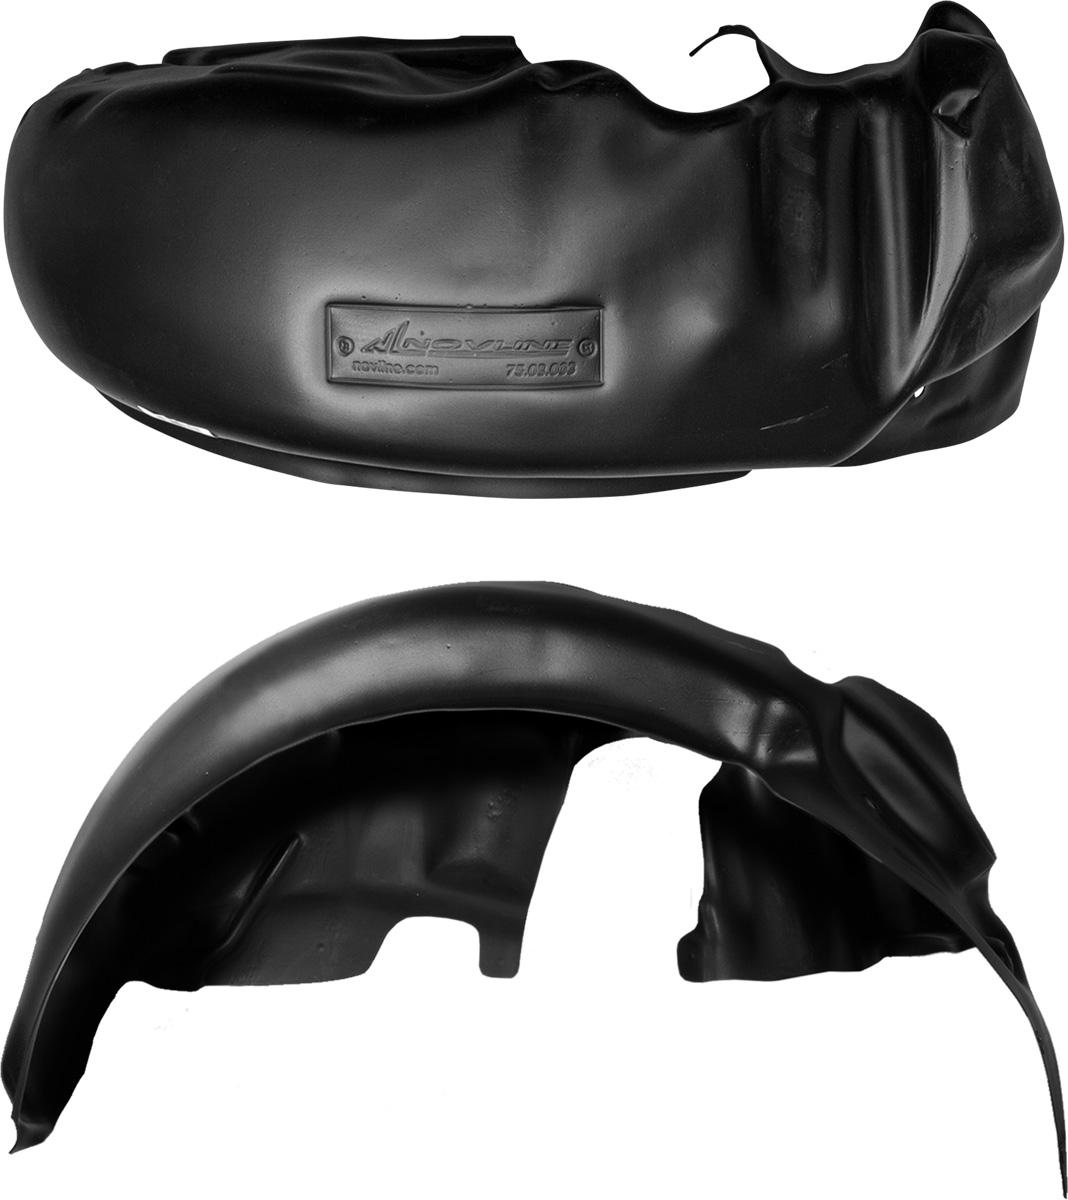 Подкрылок Novline-Autofamily, для Mitsubishi Pajero IV, 2006->, задний правыйNLL.35.16.004Колесные ниши - одни из самых уязвимых зон днища вашего автомобиля. Они постоянно подвергаются воздействию со стороны дороги. Лучшая, почти абсолютная защита для них - специально отформованные пластиковые кожухи, которые называются подкрылками. Производятся они как для отечественных моделей автомобилей, так и для иномарок. Подкрылки Novline-Autofamily выполнены из высококачественного, экологически чистого пластика. Обеспечивают надежную защиту кузова автомобиля от пескоструйного эффекта и негативного влияния, агрессивных антигололедных реагентов. Пластик обладает более низкой теплопроводностью, чем металл, поэтому в зимний период эксплуатации использование пластиковых подкрылков позволяет лучше защитить колесные ниши от налипания снега и образования наледи. Оригинальность конструкции подчеркивает элегантность автомобиля, бережно защищает нанесенное на днище кузова антикоррозийное покрытие и позволяет осуществить крепление подкрылков внутри колесной арки практически без...